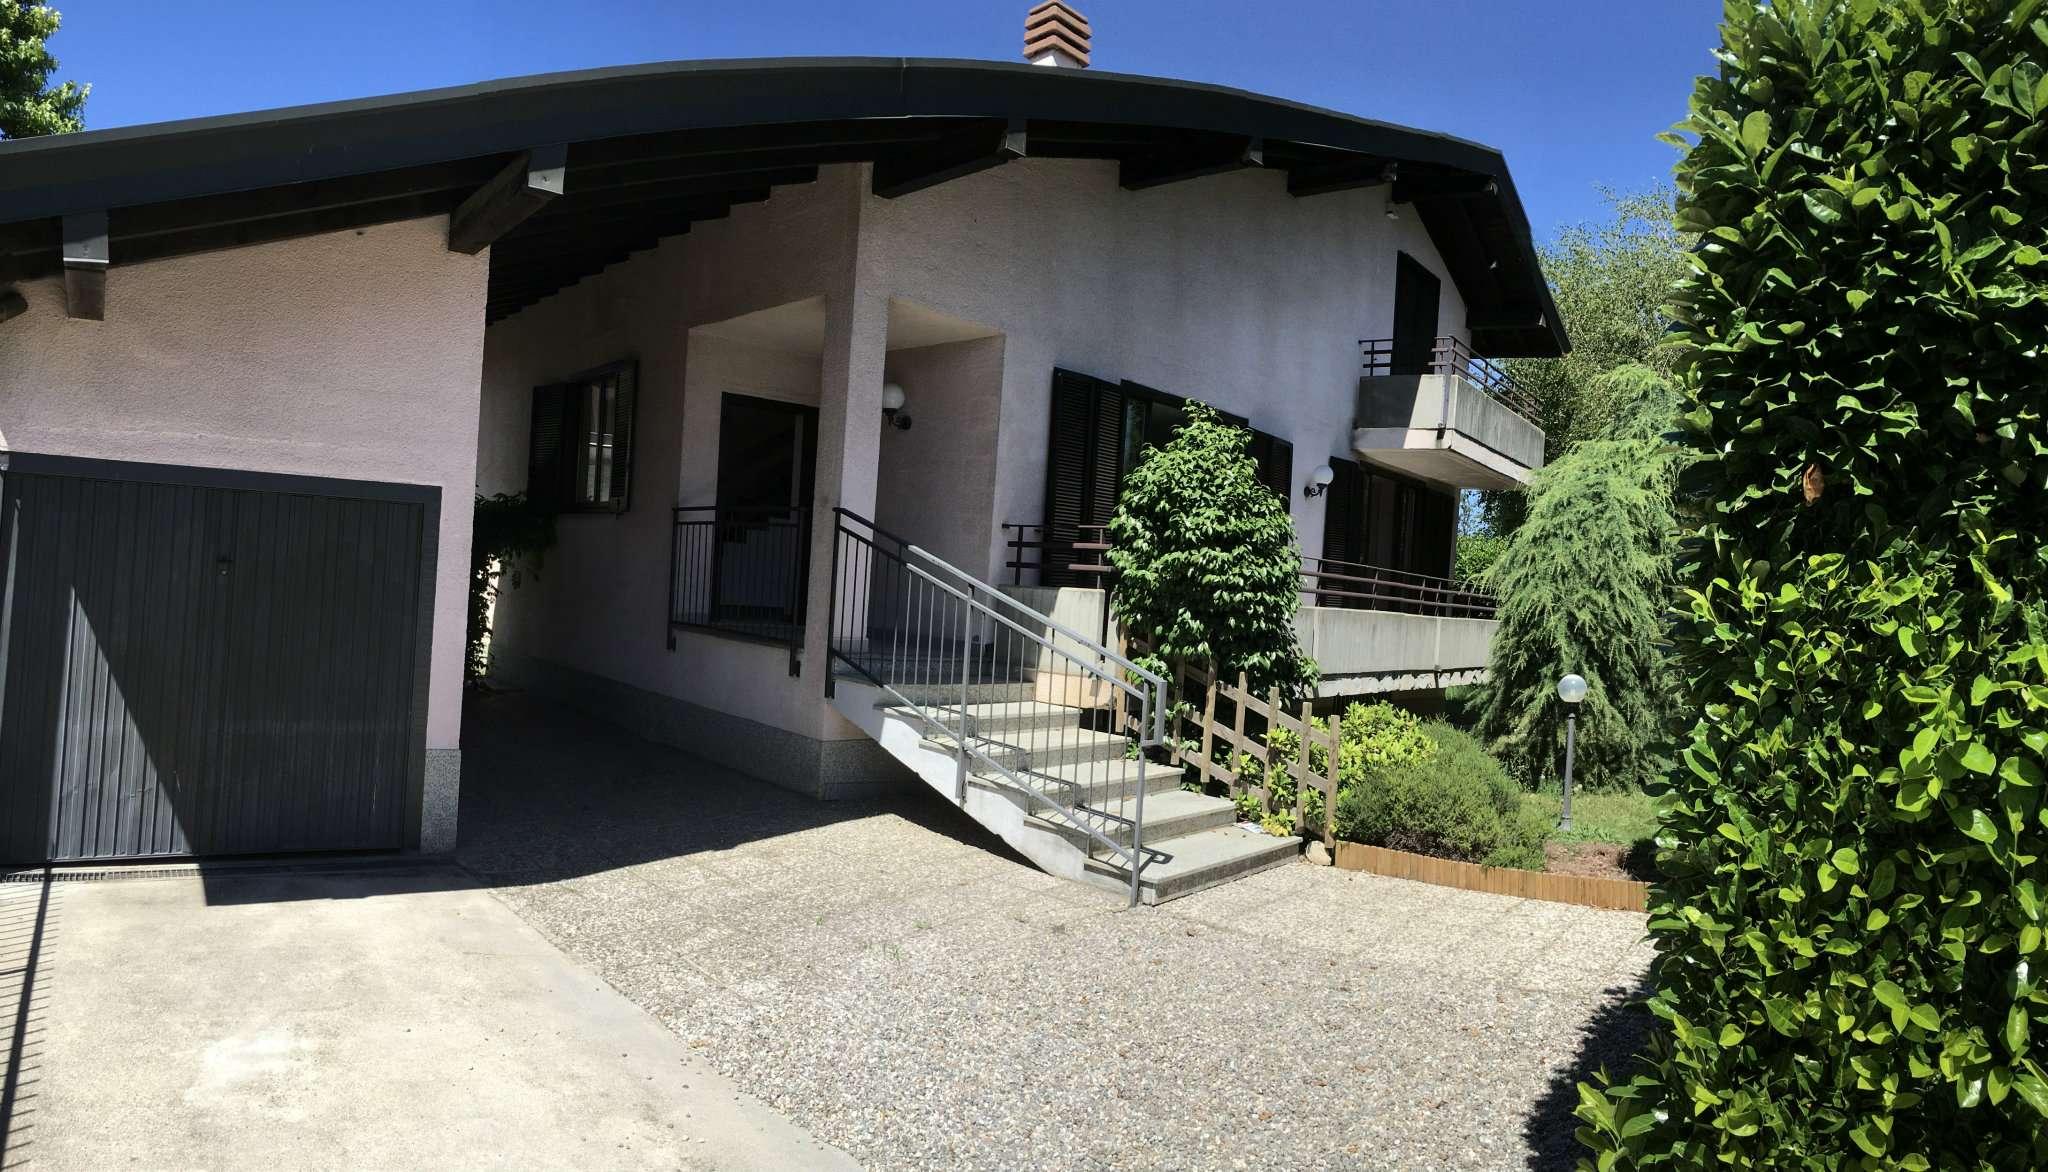 Villa in vendita a Olgiate Olona, 4 locali, prezzo € 375.000   Cambio Casa.it